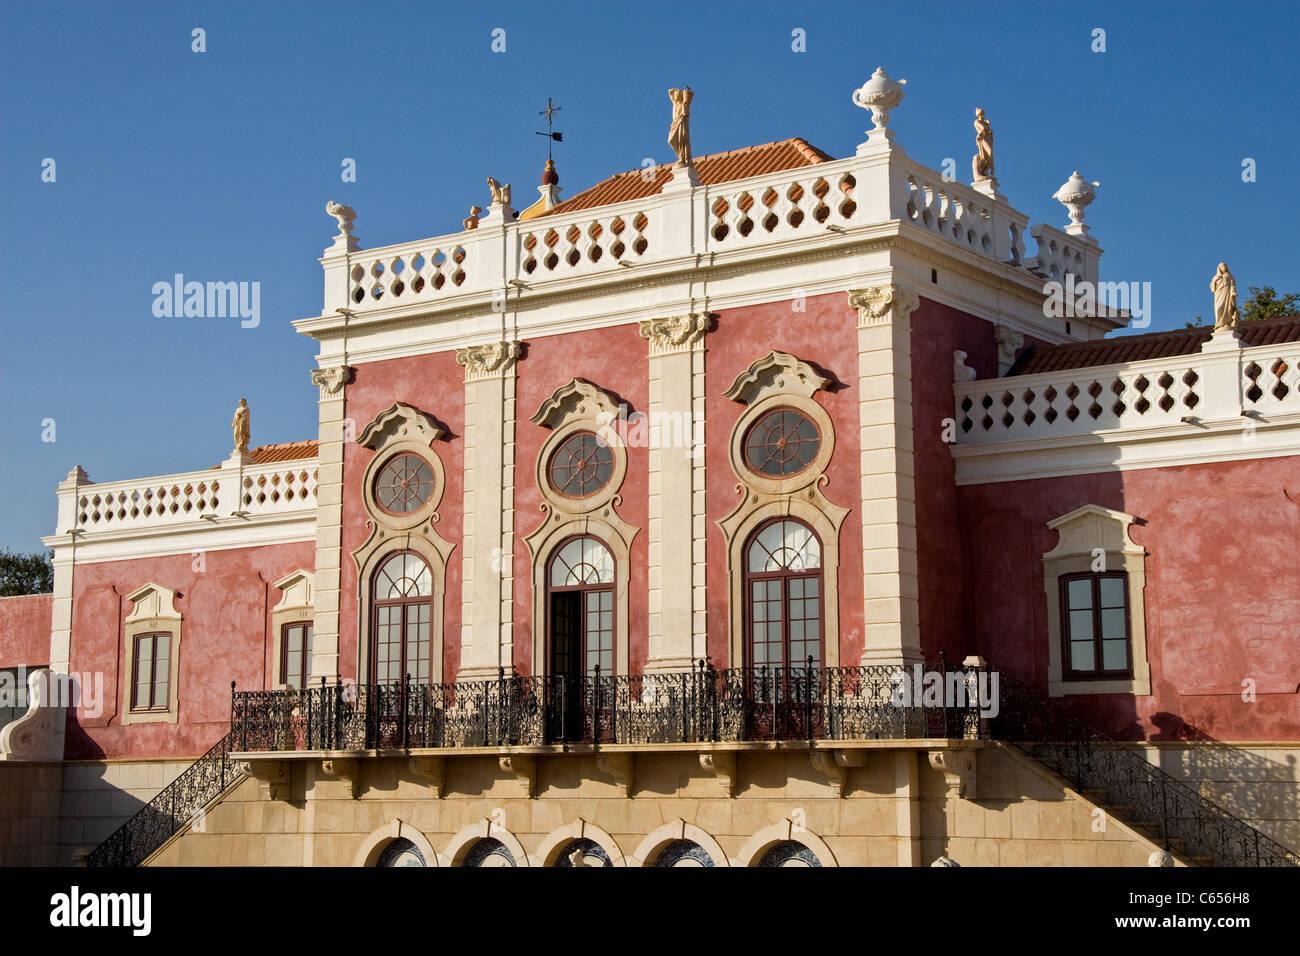 Palácio de Estoi (C19) ora convertito in Pousada de Estoi (storico hotel), Estoi Faro Algarve Portogallo Immagini Stock